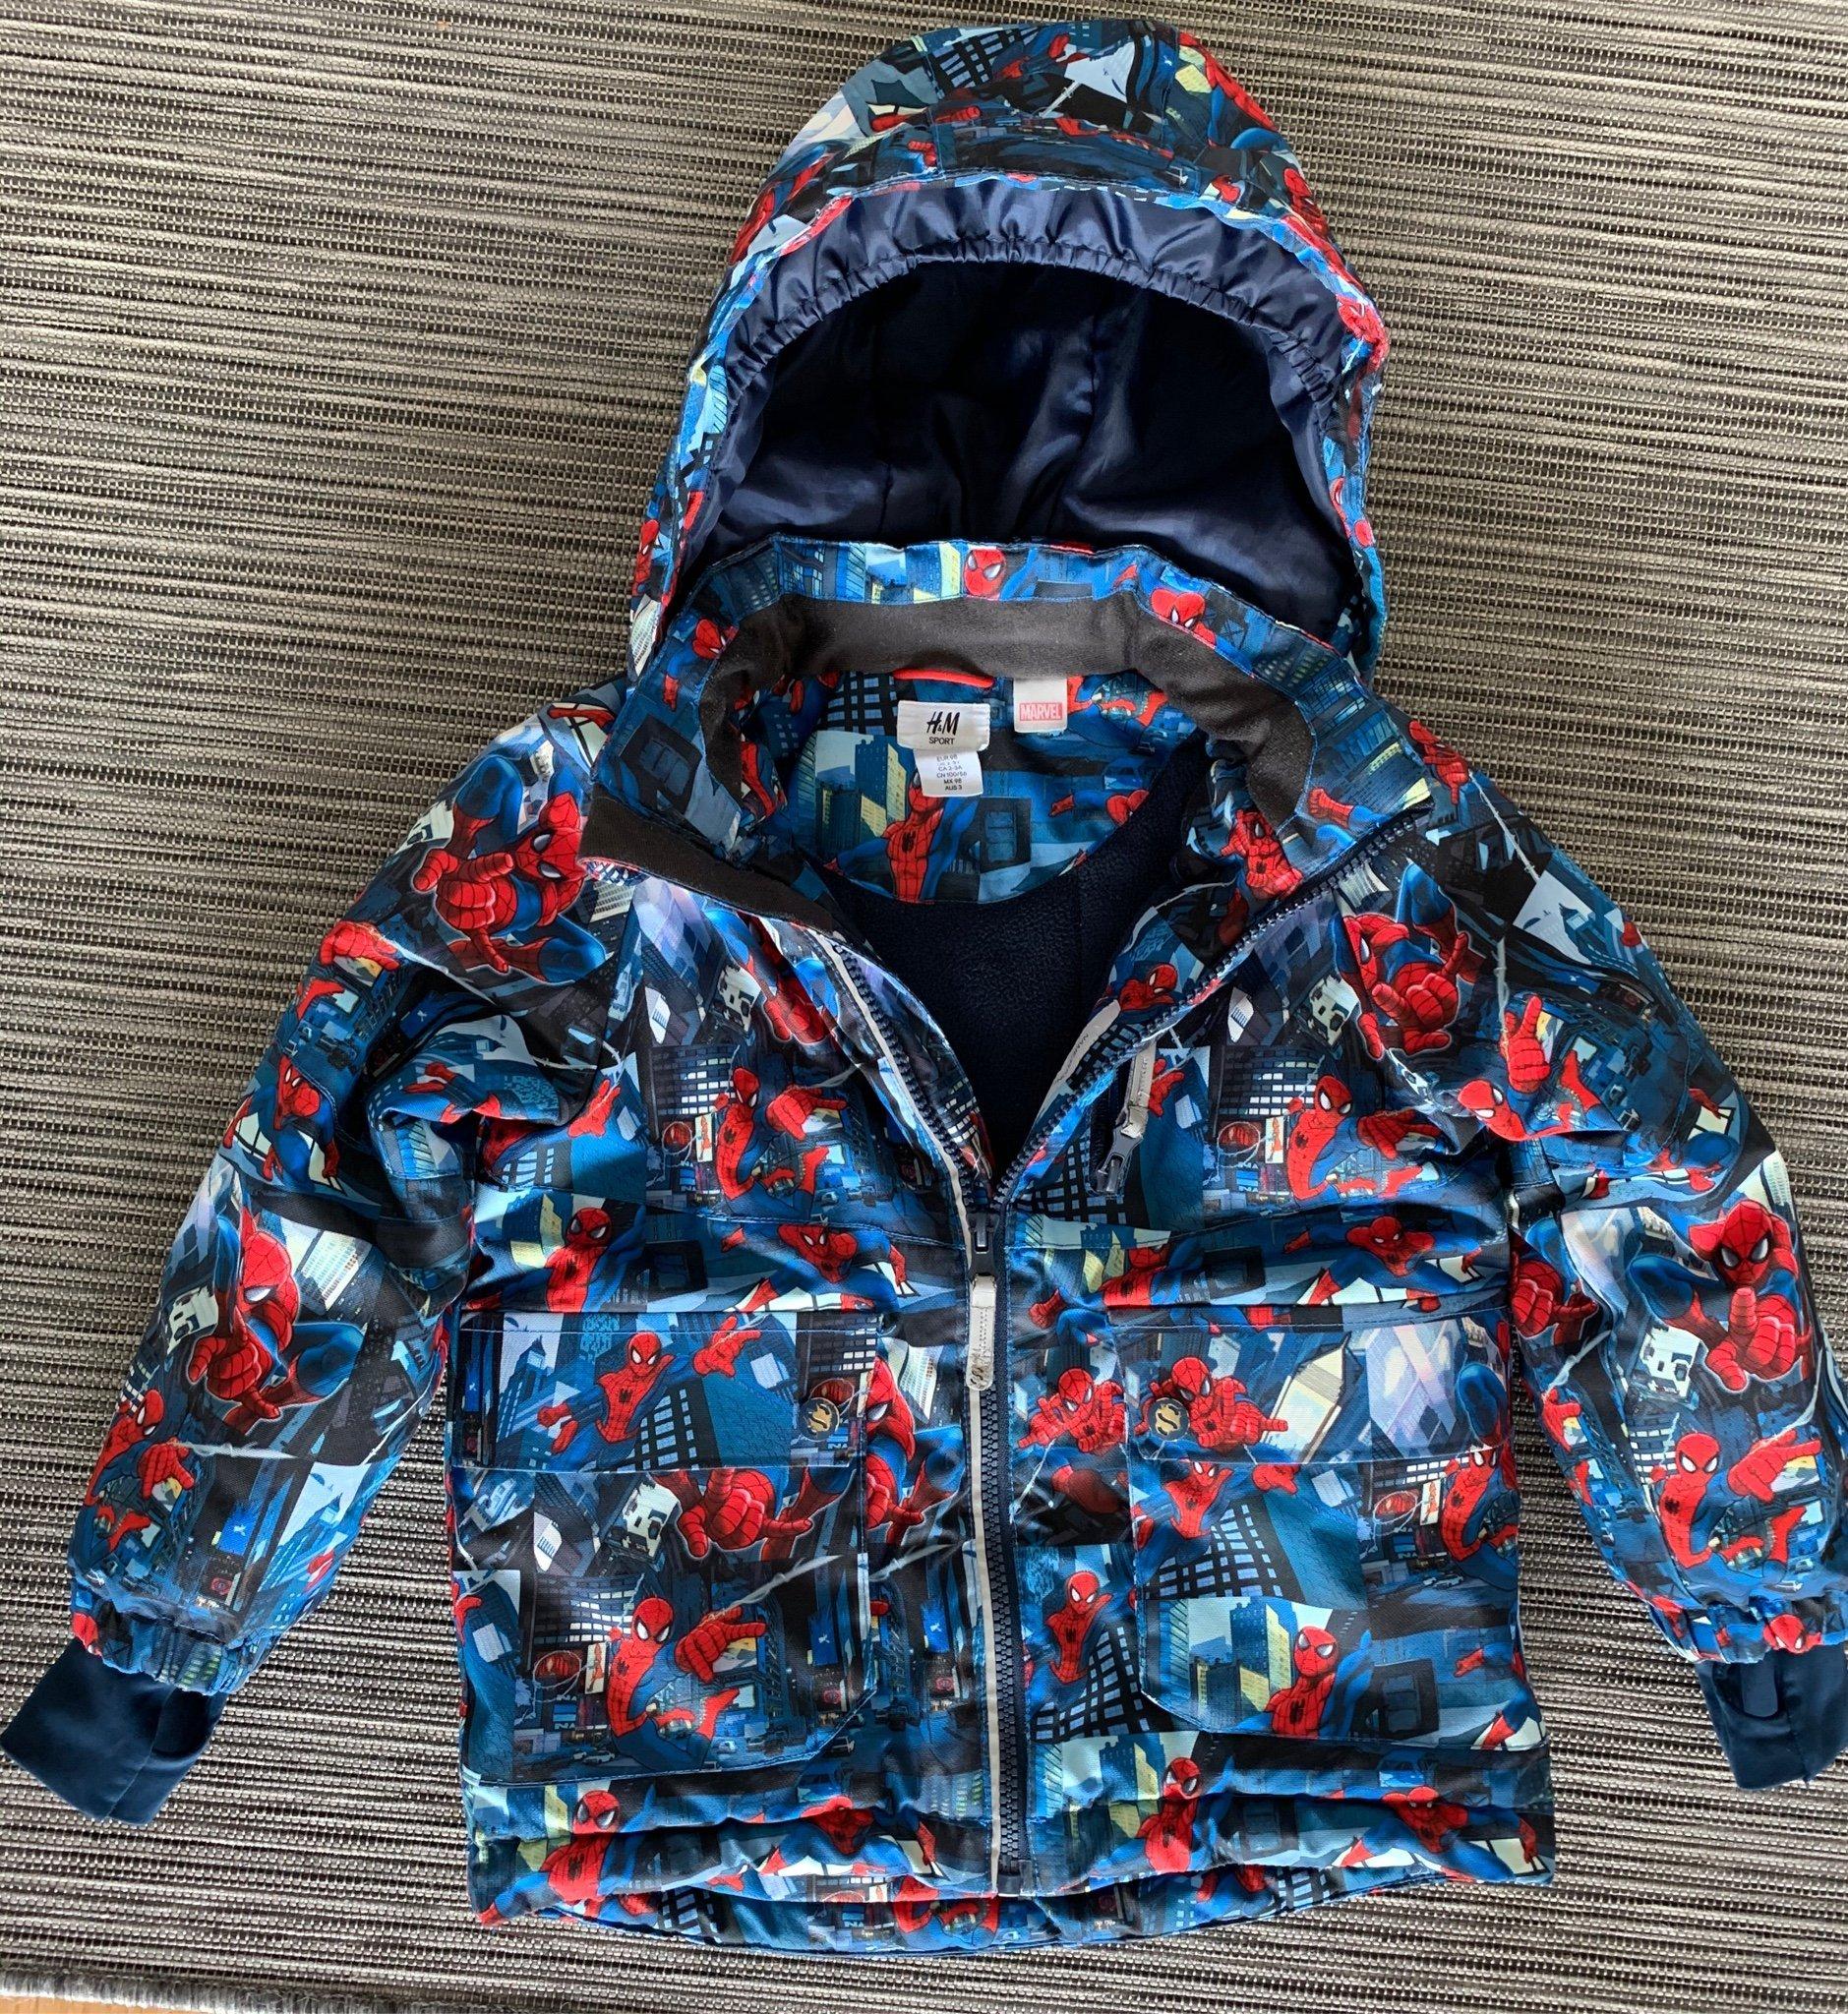 Vinterjacka Marwel Spider Man, Stl 98 (426783732) ᐈ Köp på